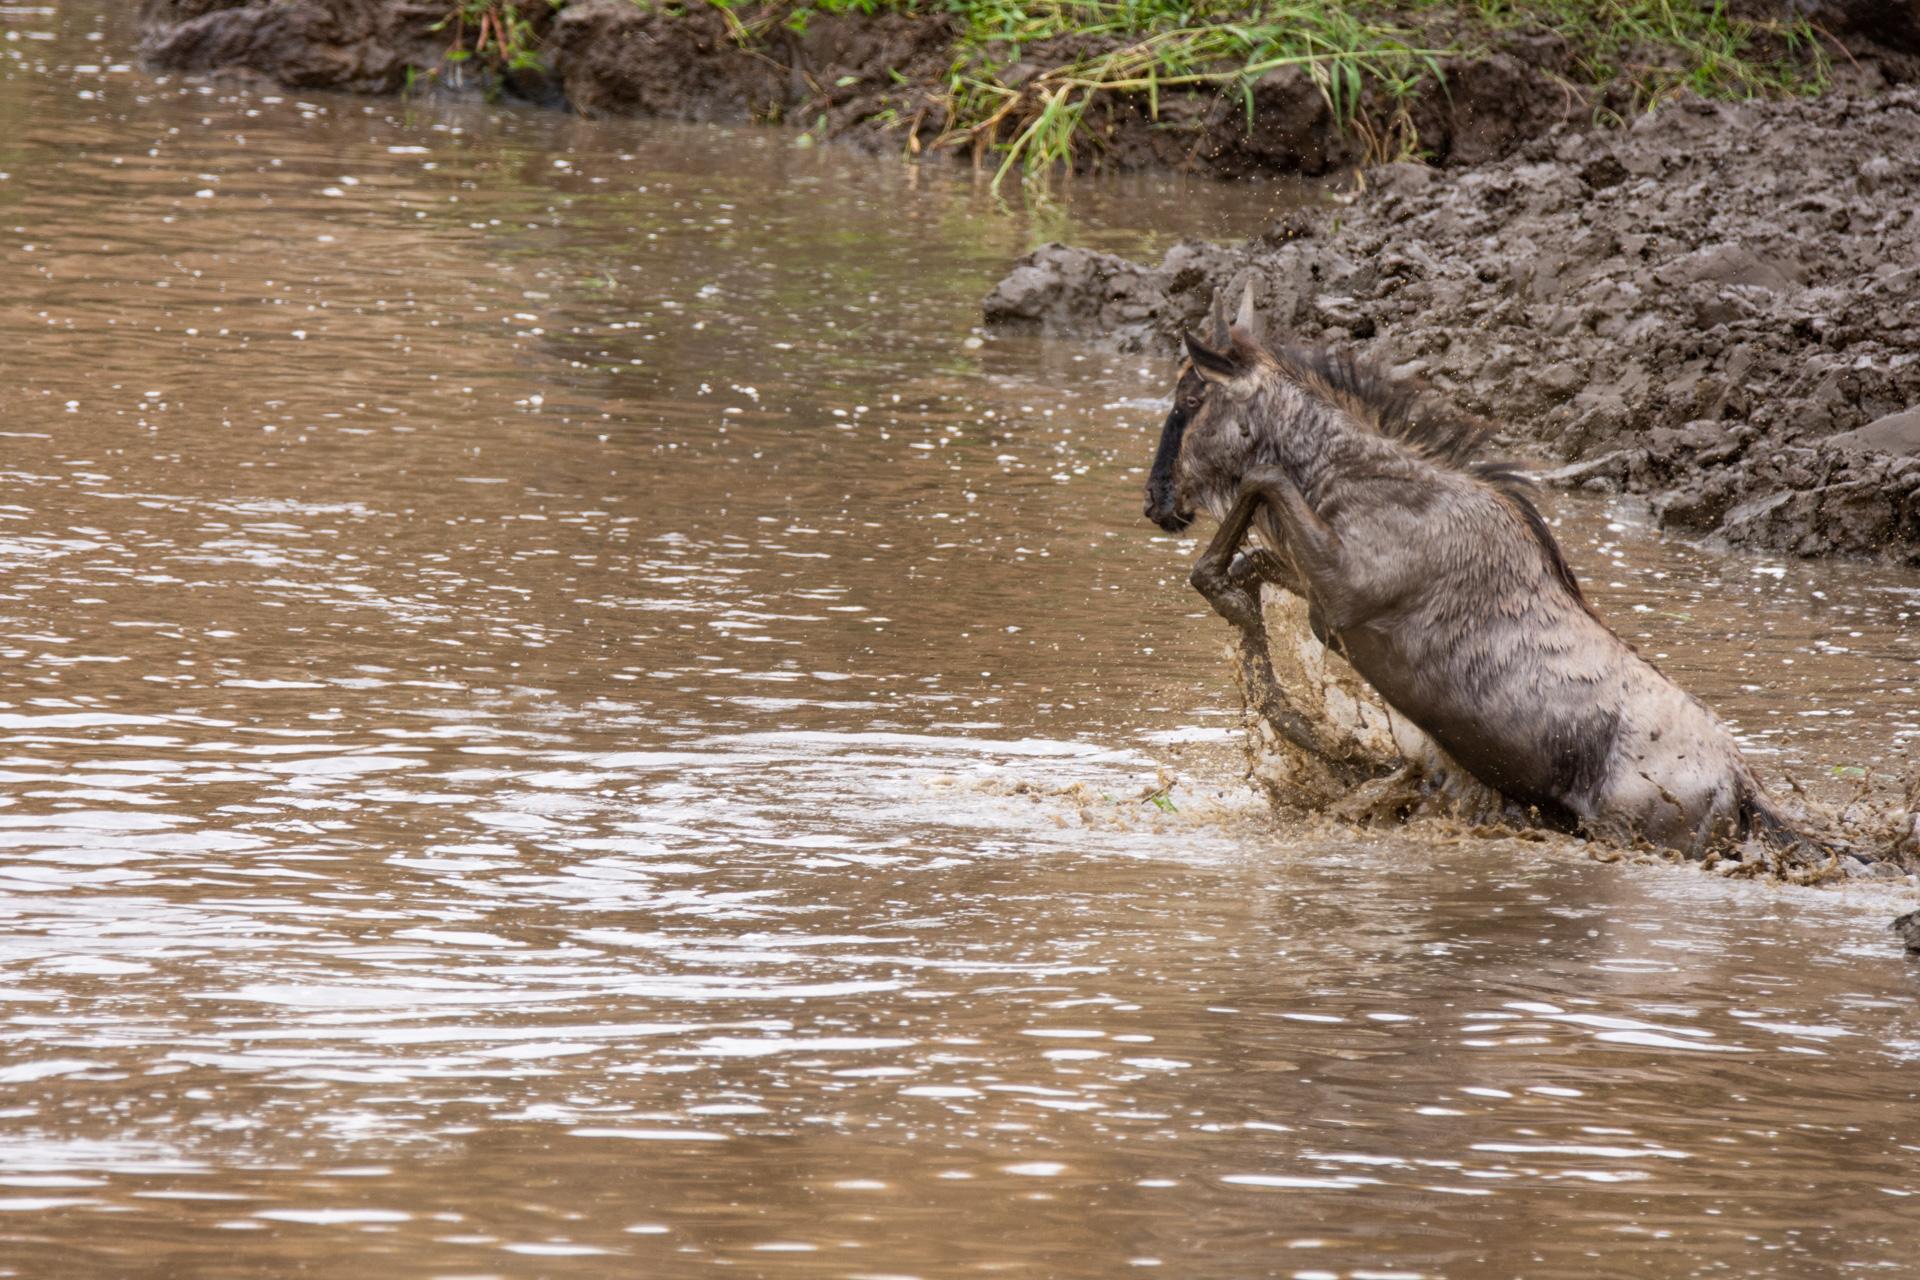 Wilde croc